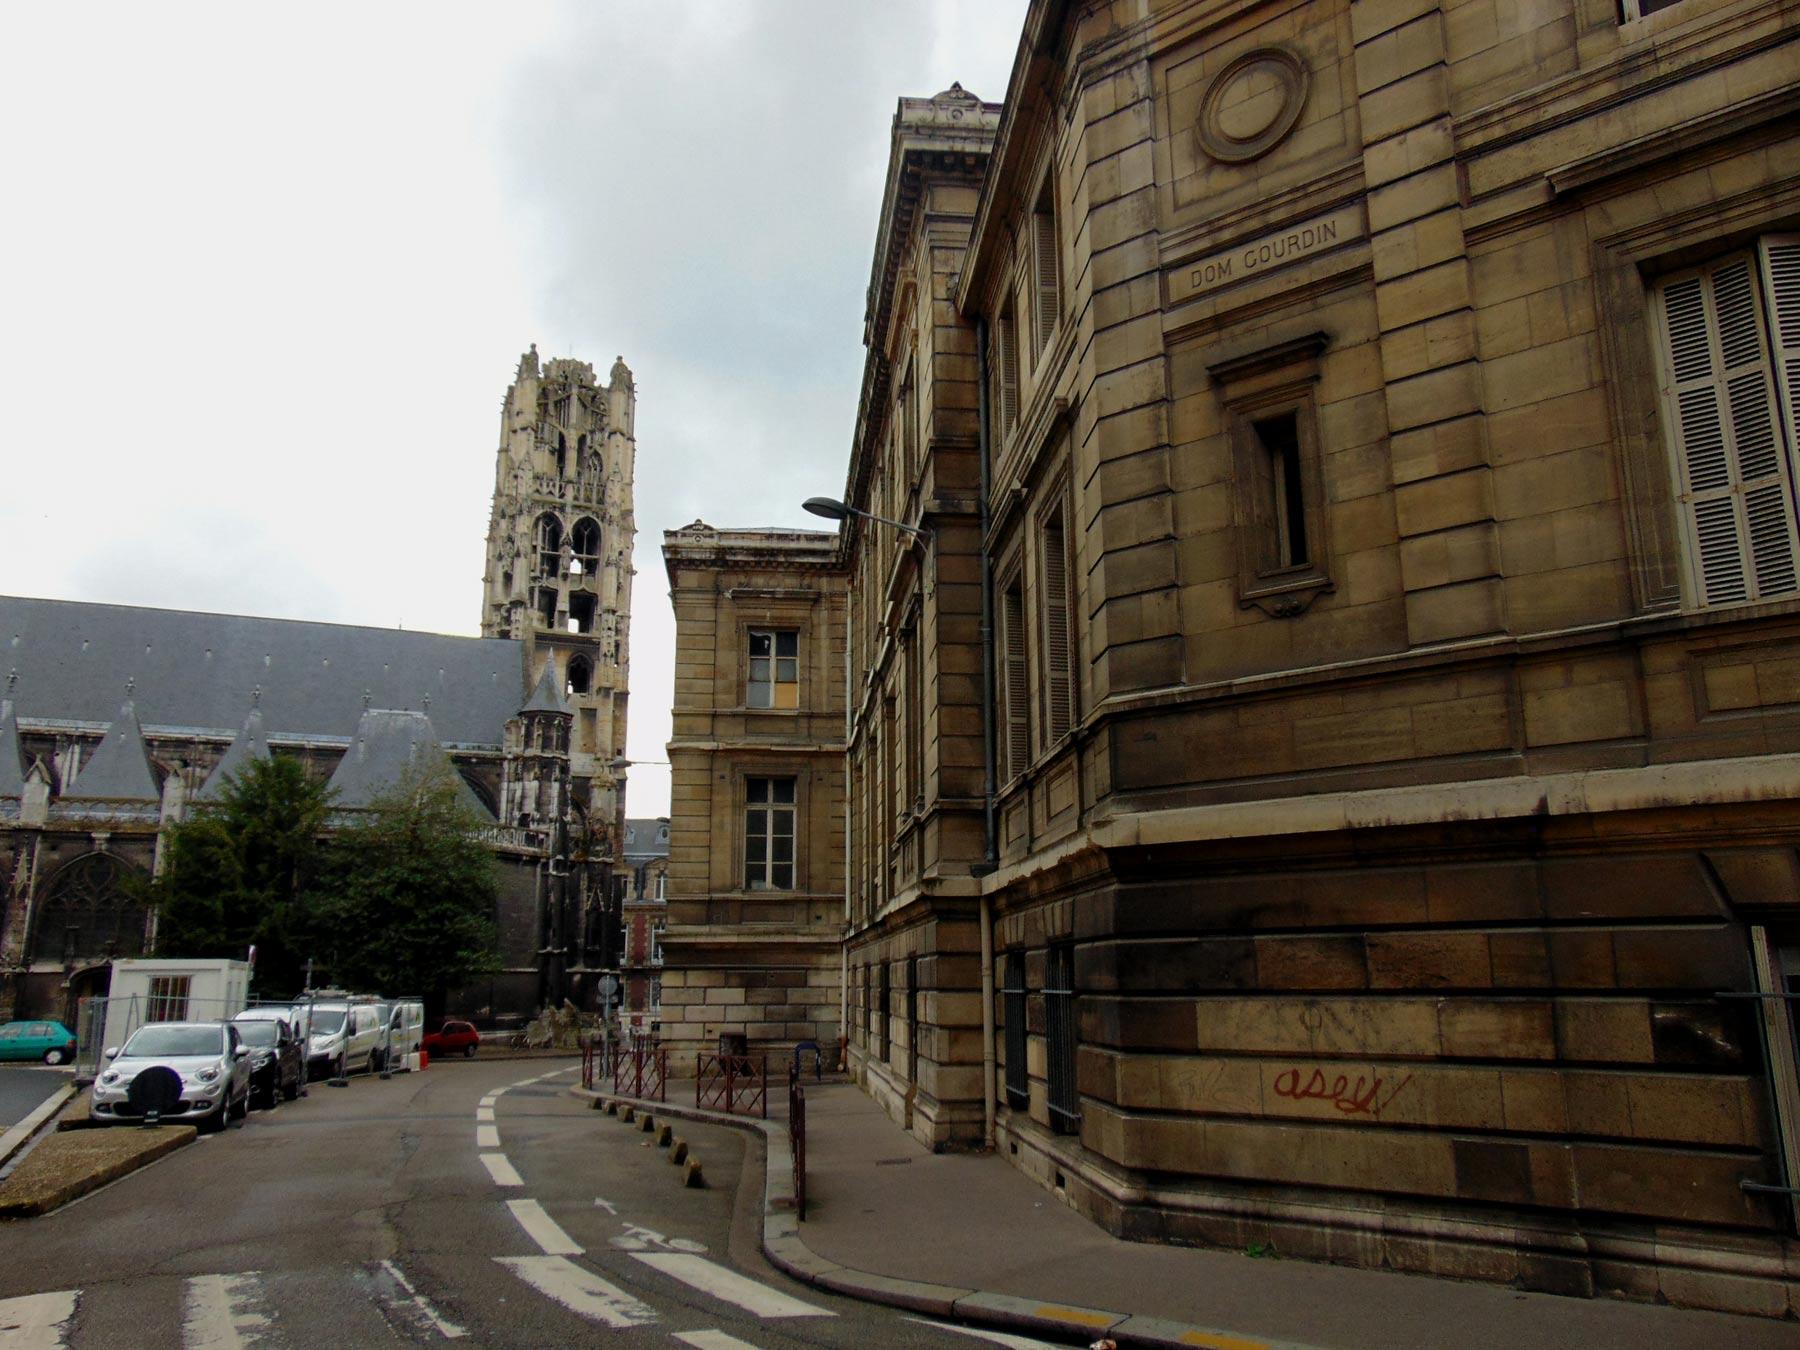 церкви Руана тоже достопримечательности